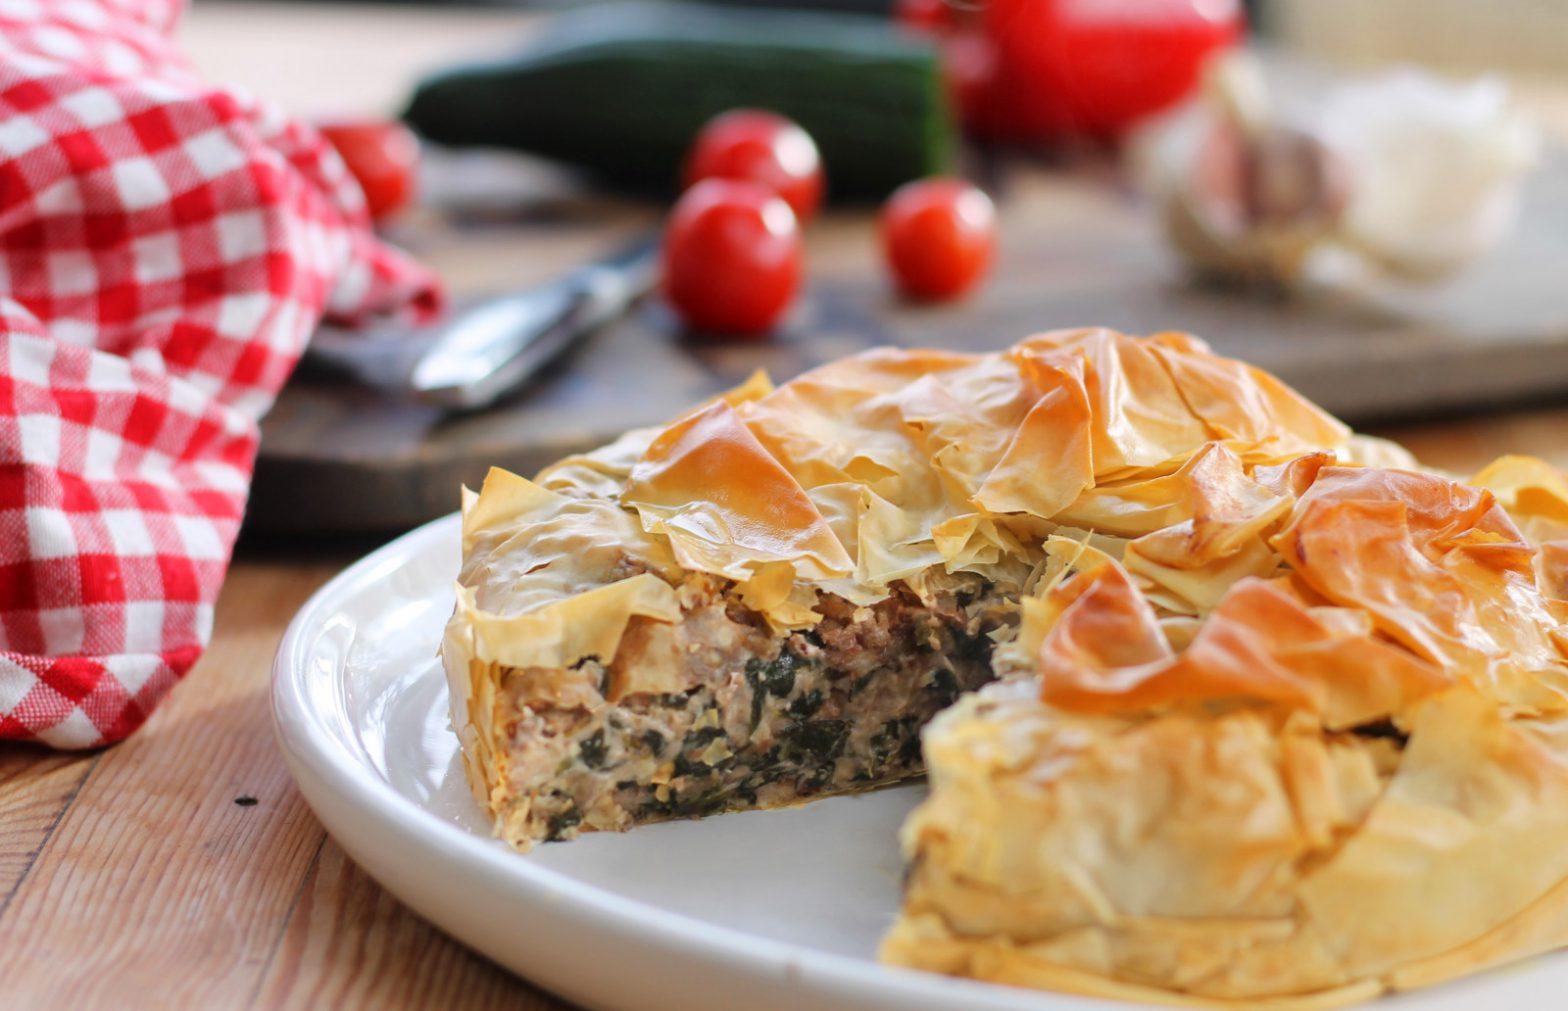 Vegan Spinach & Walnut 'Ricotta' Pie